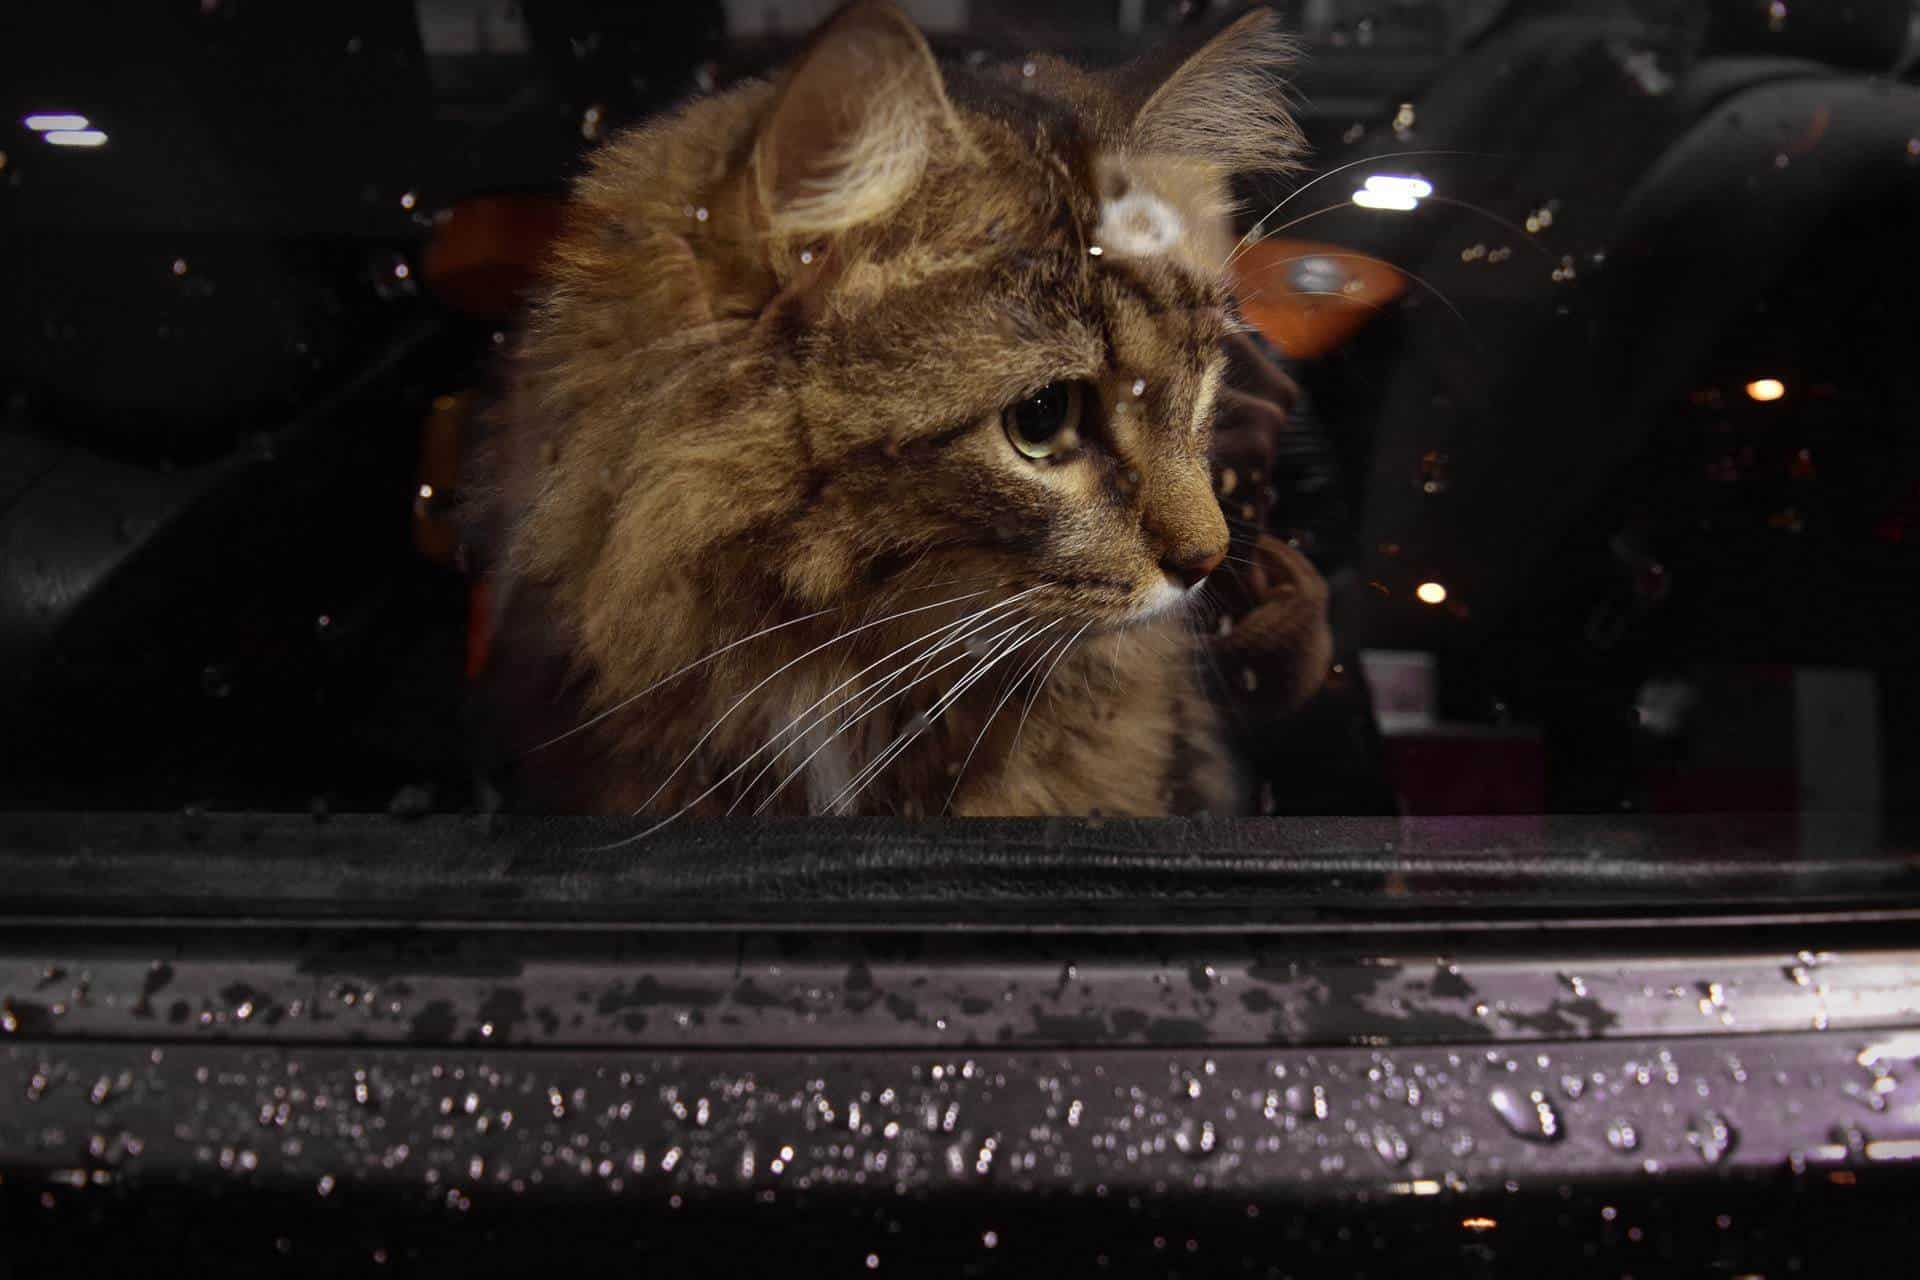 Come trasportare un gatto in auto: 5 consigli utili per affrontare il viaggio